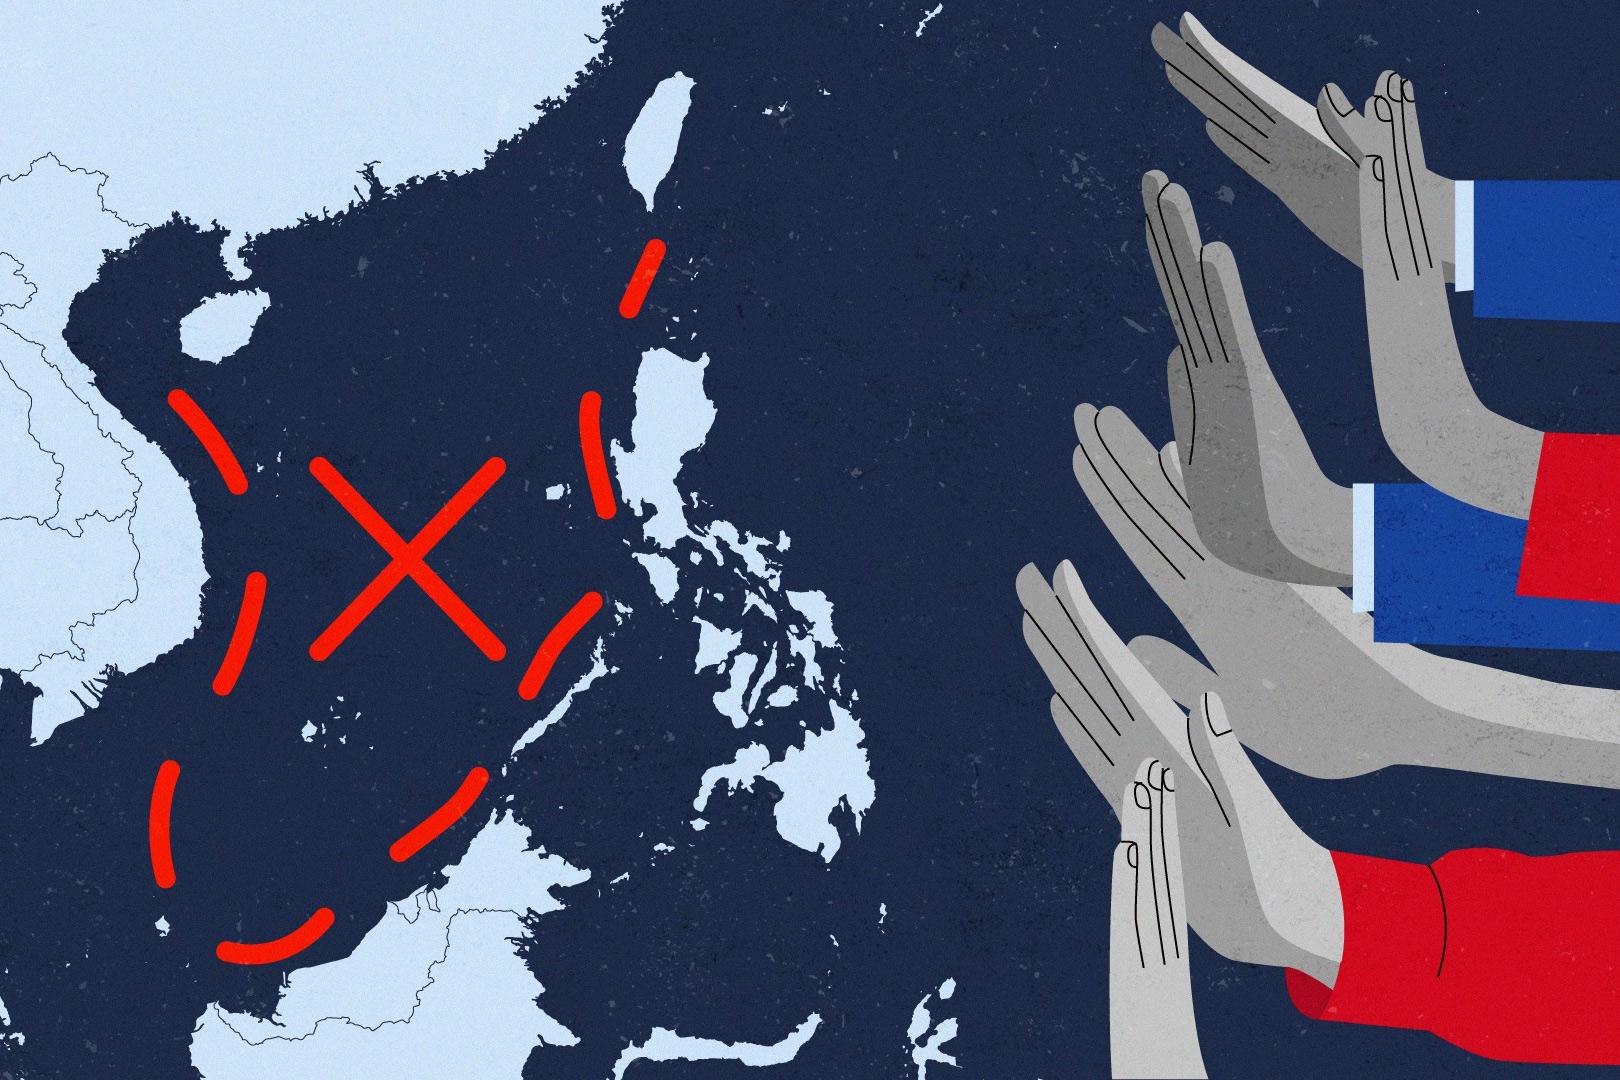 Để chiếm Biển Đông, Trung Quốc đã xuyên tạc lịch sử như thế nào?